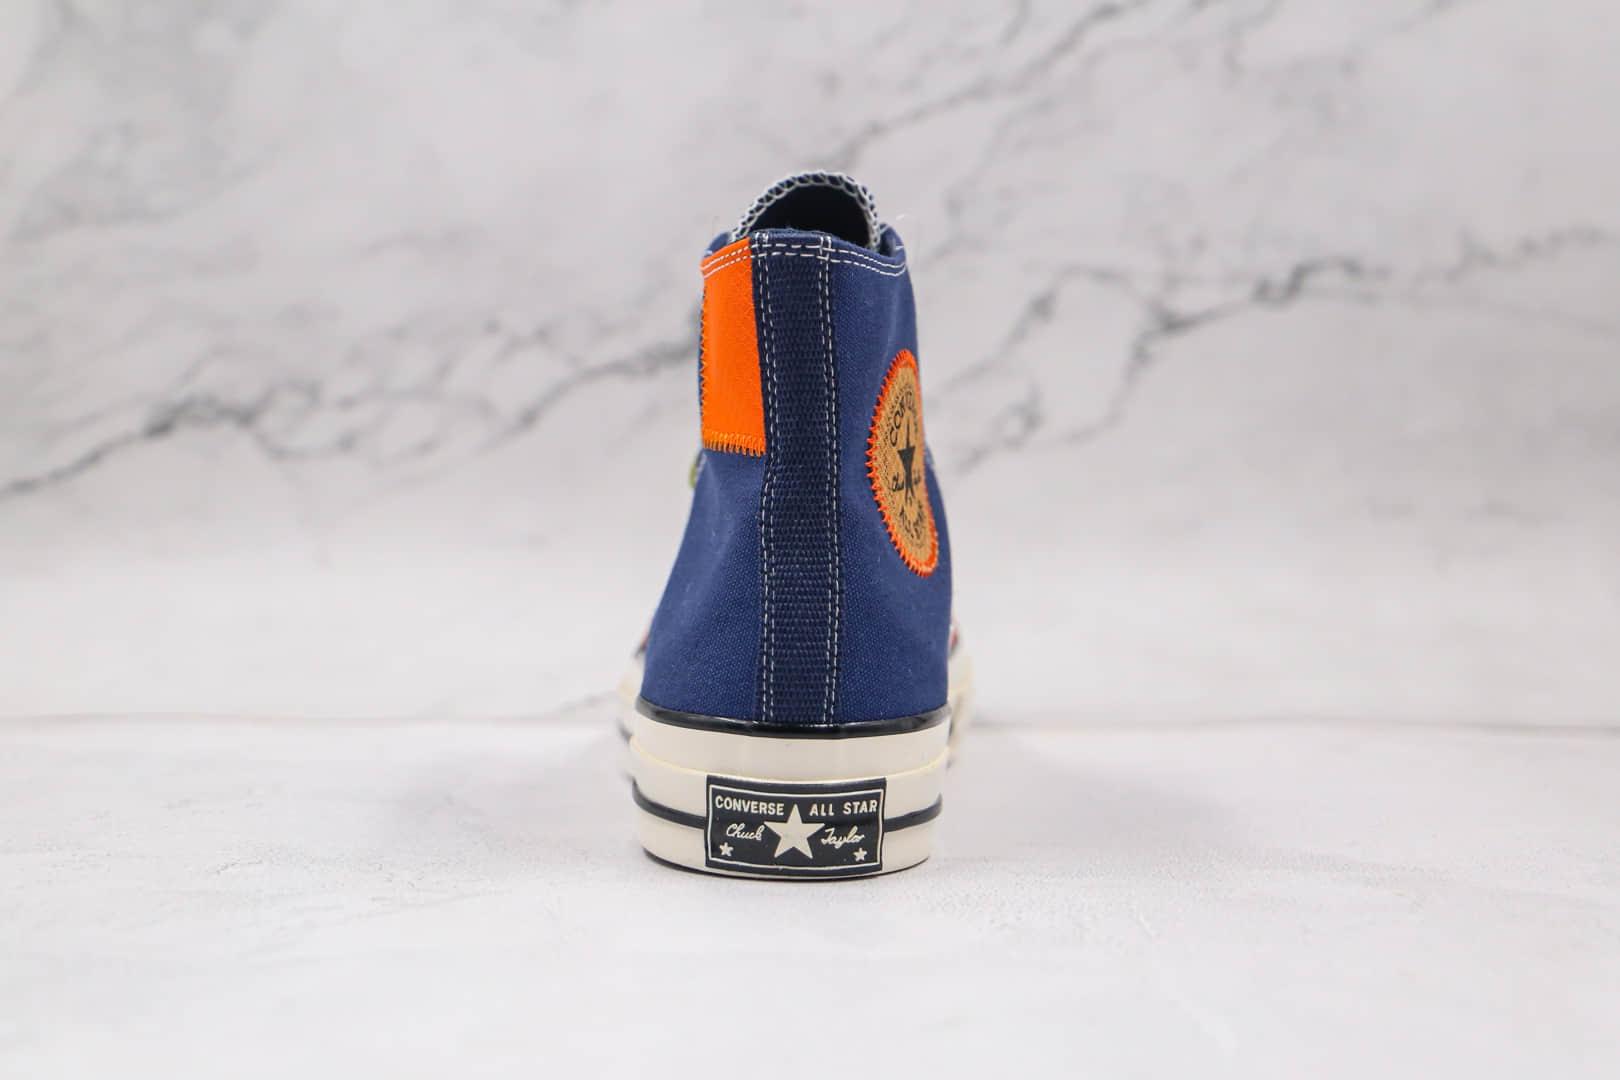 匡威Converse Chuck 70s公司级版本高帮1970S深蓝色补丁硫化板鞋原盒配件齐全